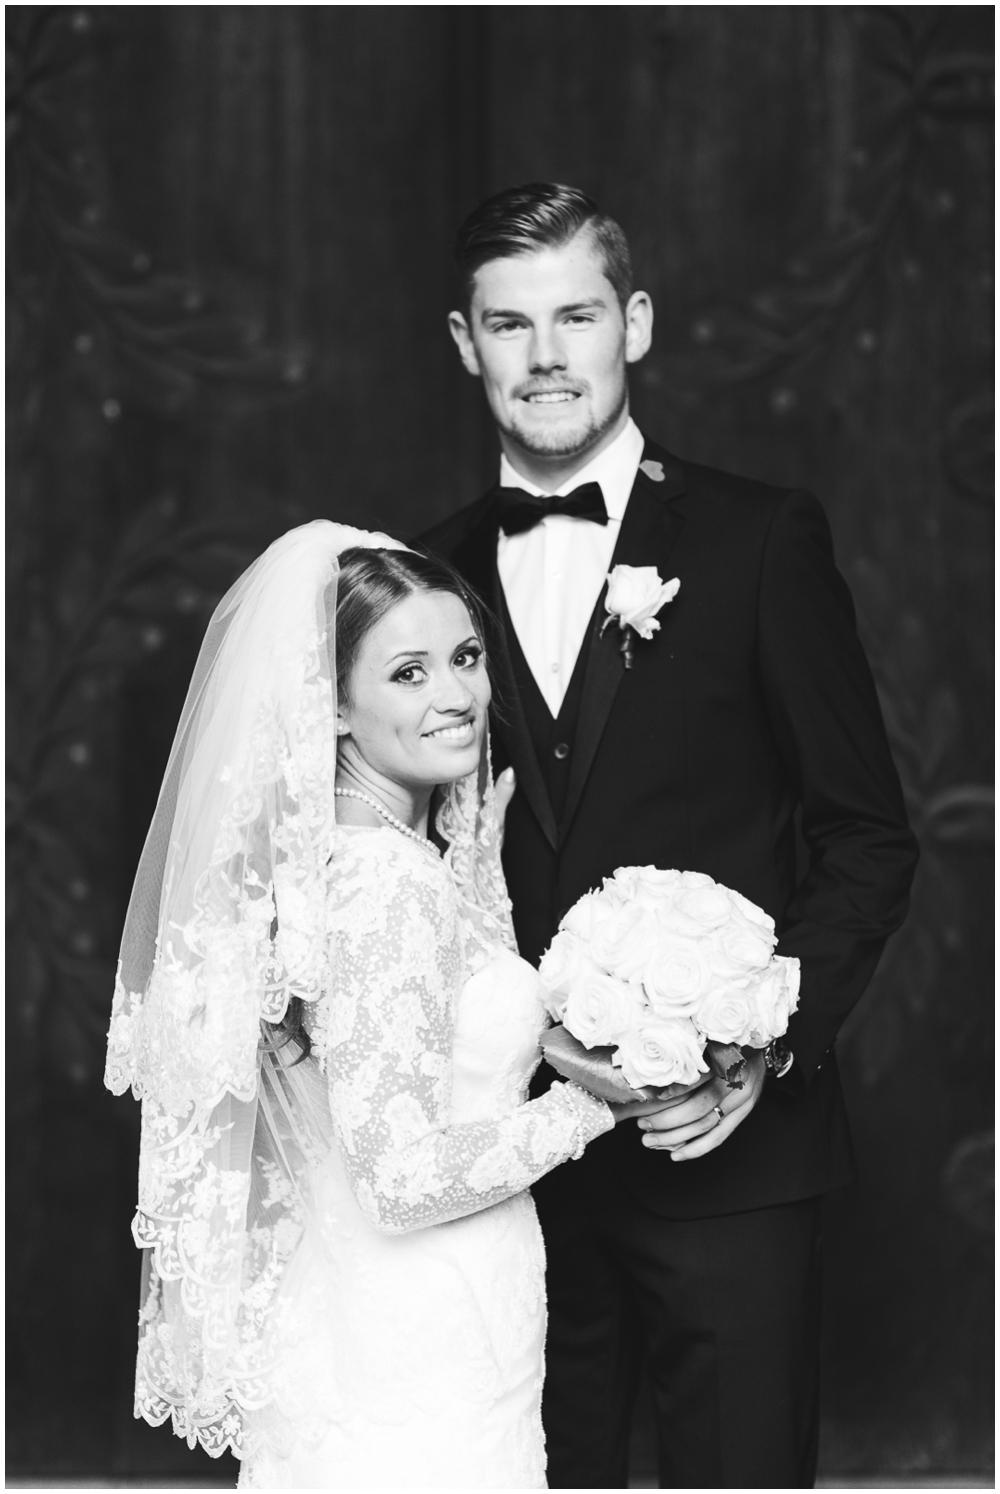 LE HAI LINH Photography-Hochzeitsfotograf-Hochzeit-von-1.FC Koeln-Torwart-Timo-Horn-und-seiner-Carina-in-Hyatt-und-Schokoladenmuseum-Koeln_0028.jpg